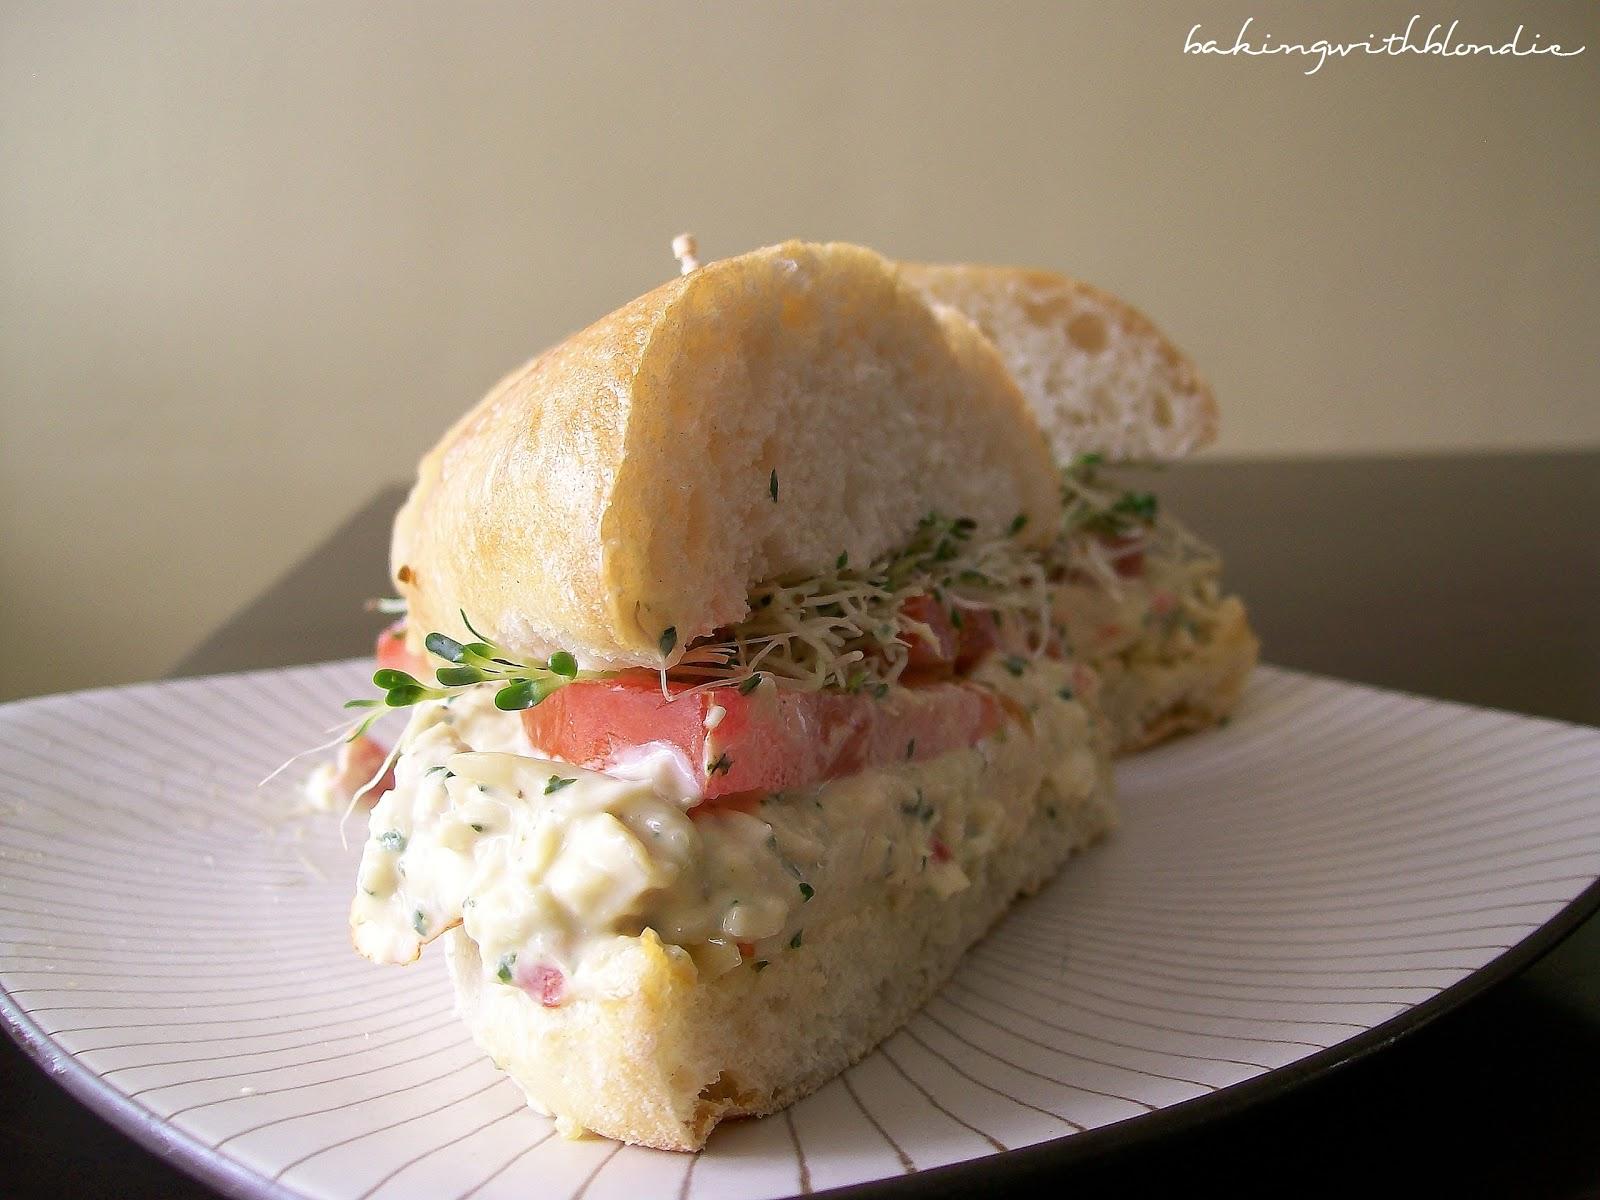 Baking with Blondie : Zupas Chicken Pesto Sandwiches - Copycat Recipe